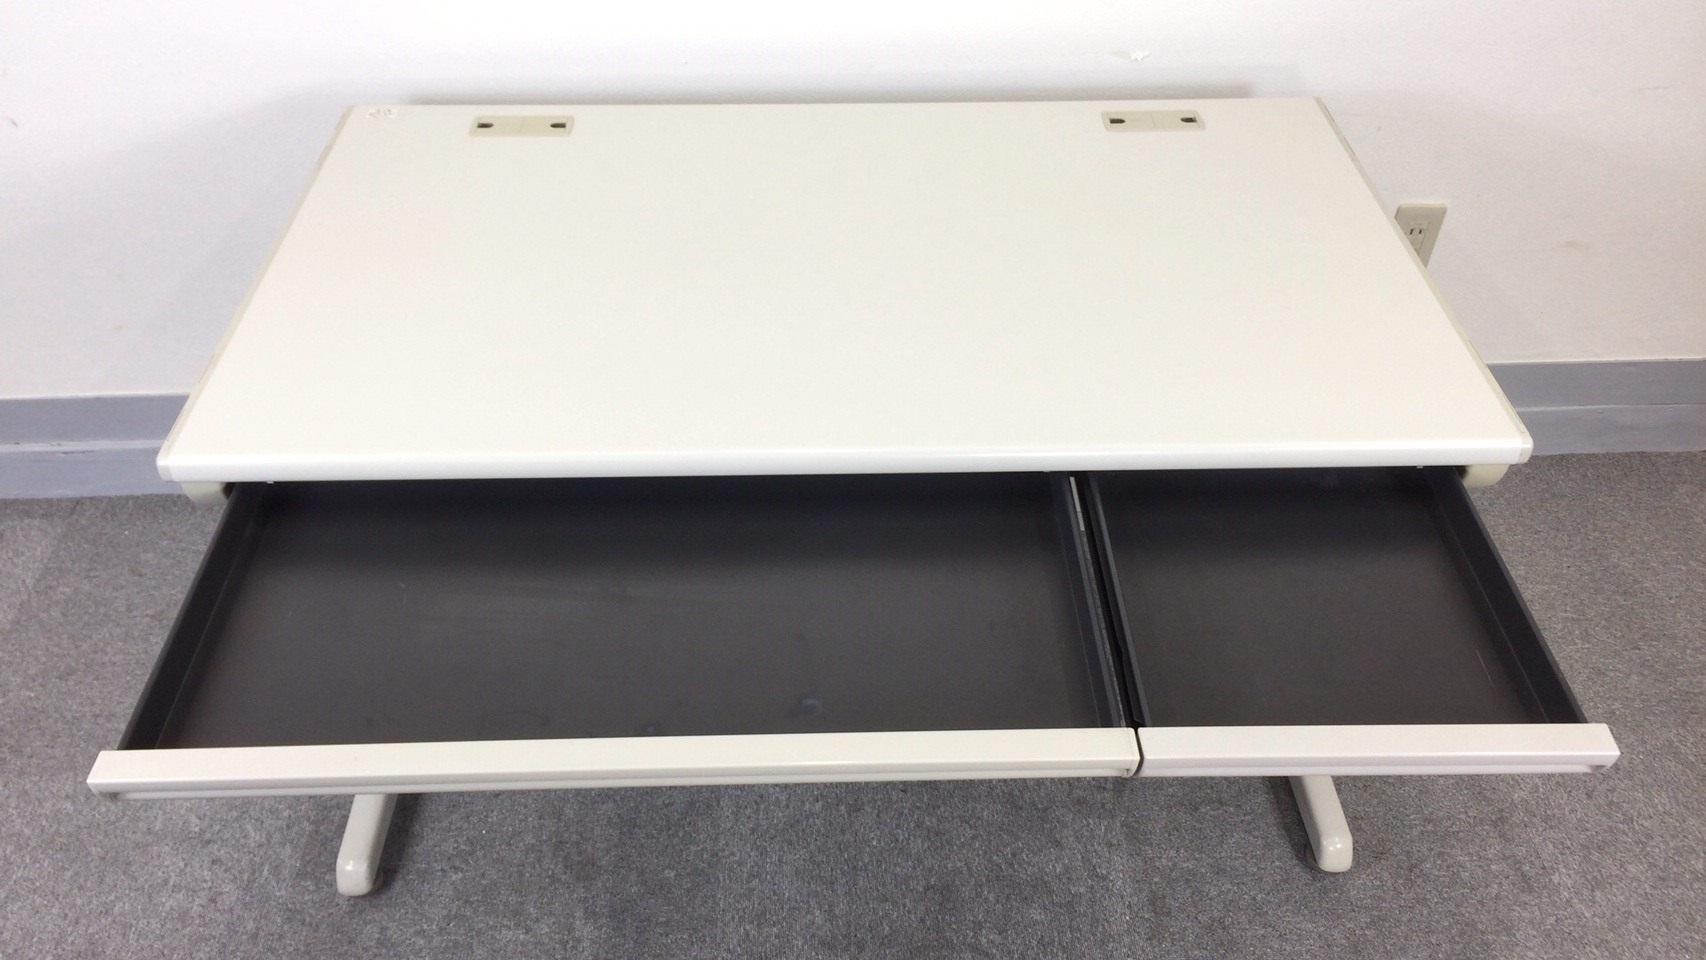 [状態良好][便利な配線タップ2か所付き]平デスク 事務机 幅1200mmタイプ 岡村製作所 SDシリーズ|SD-Vシリーズ[SD-V Desk system](中古)